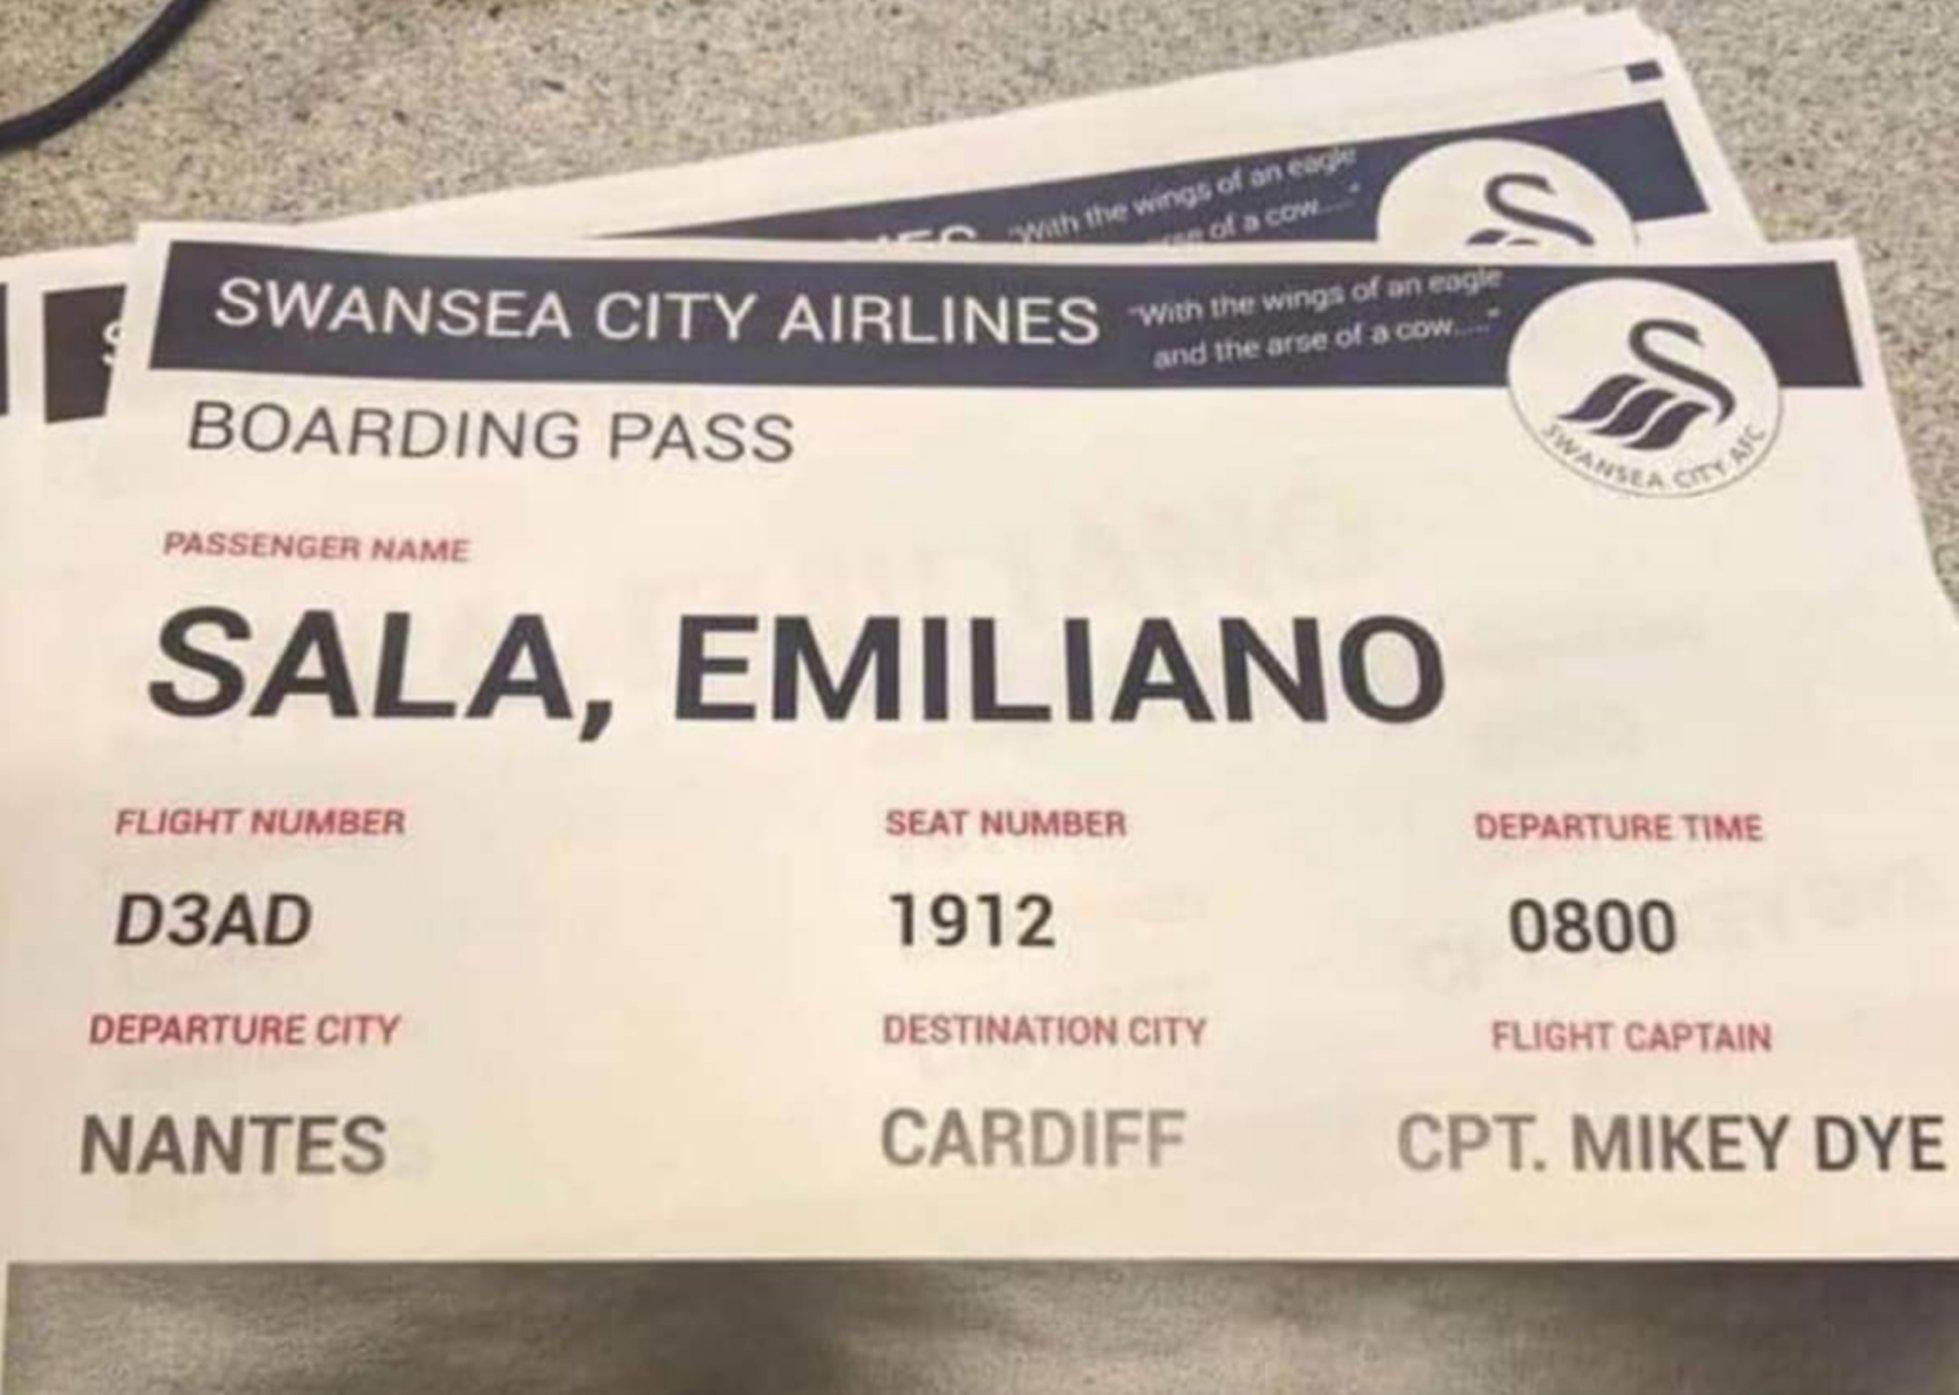 La blague odieuse des fans de Swansea : Une carte d'embarquement pour Sala